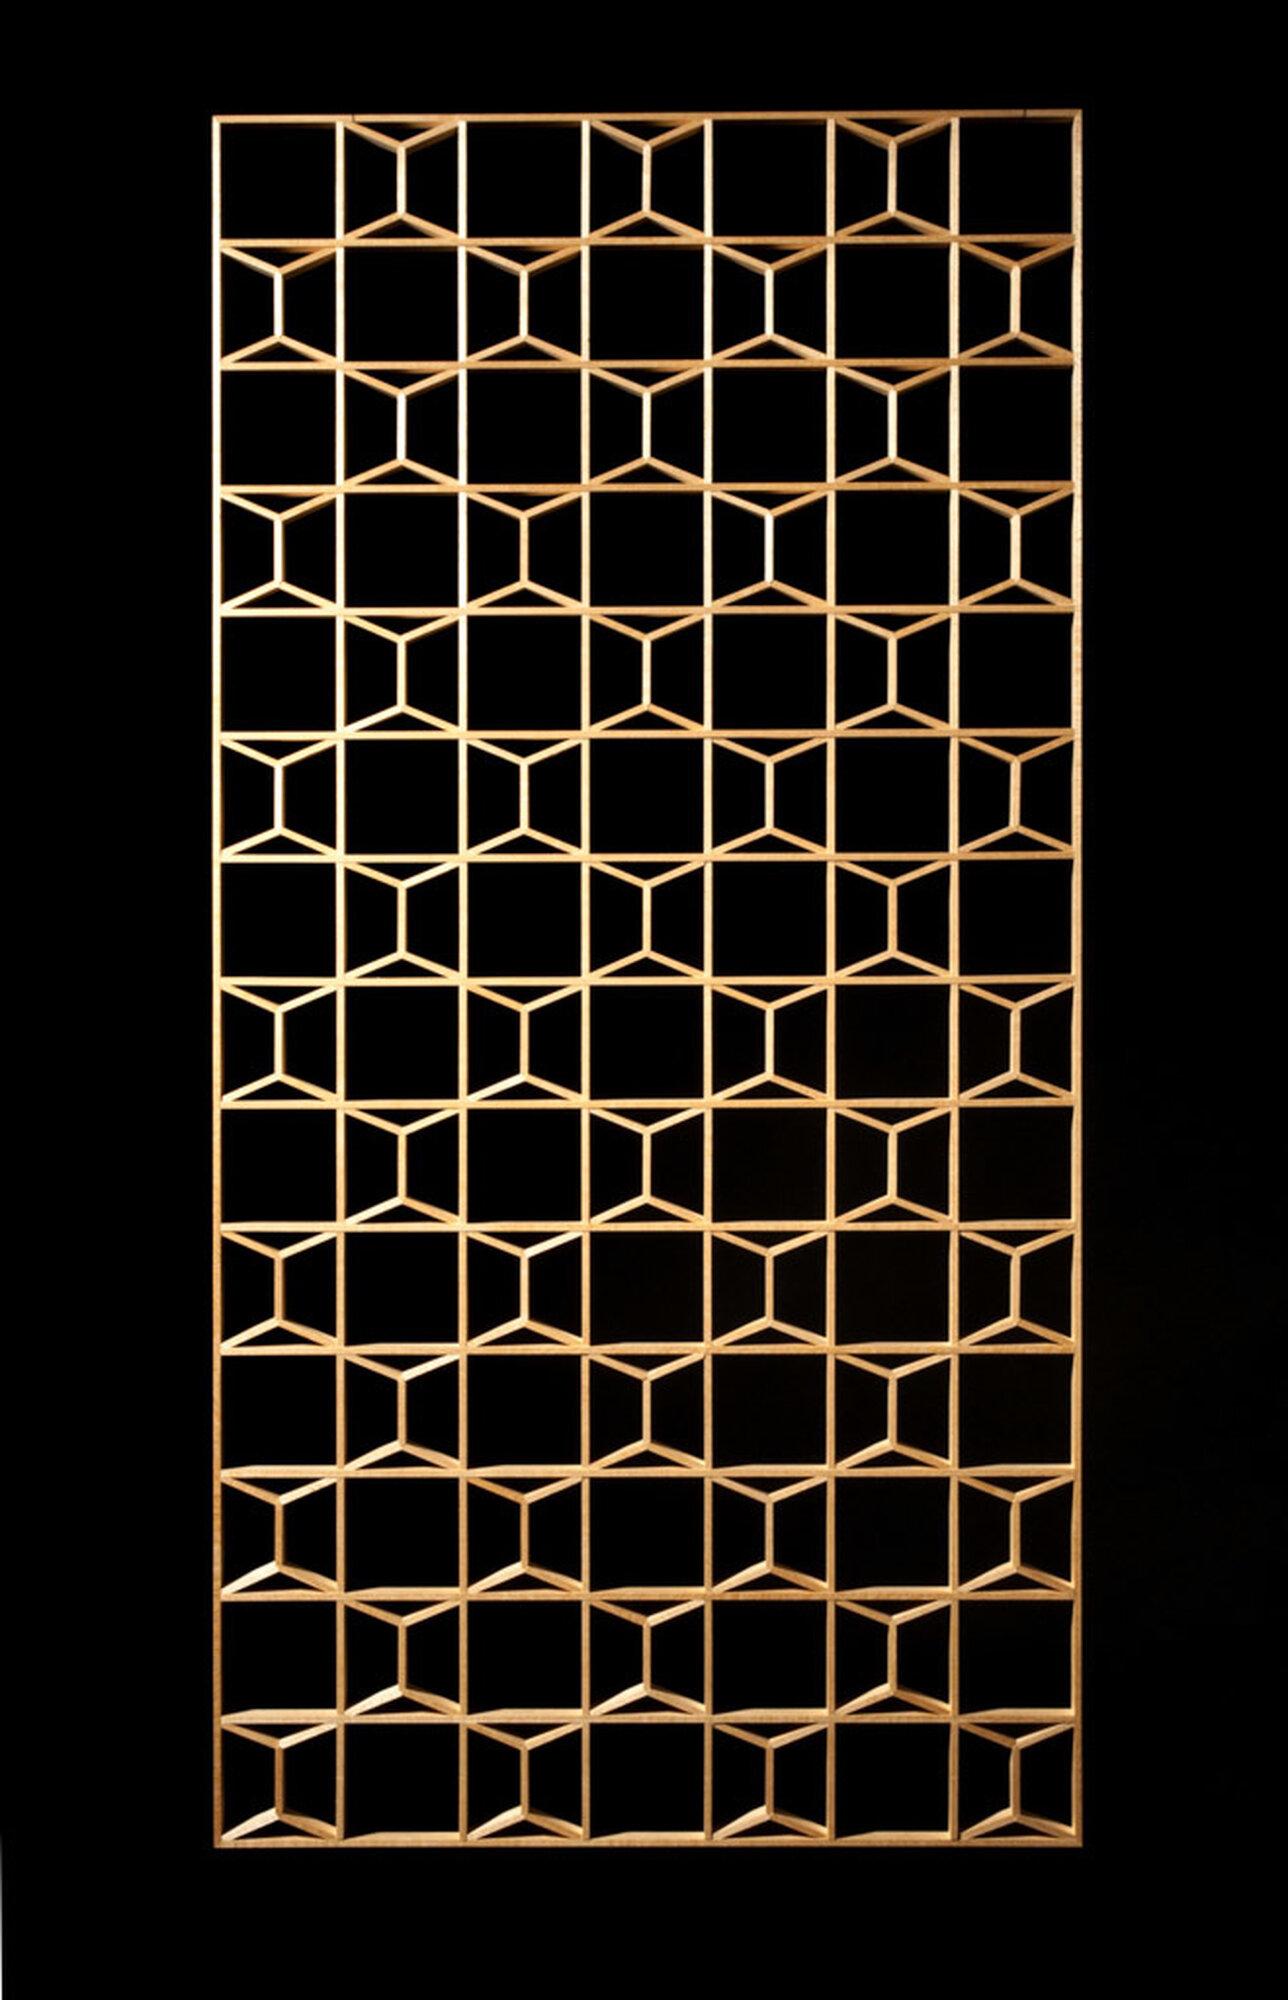 Hexagon screen